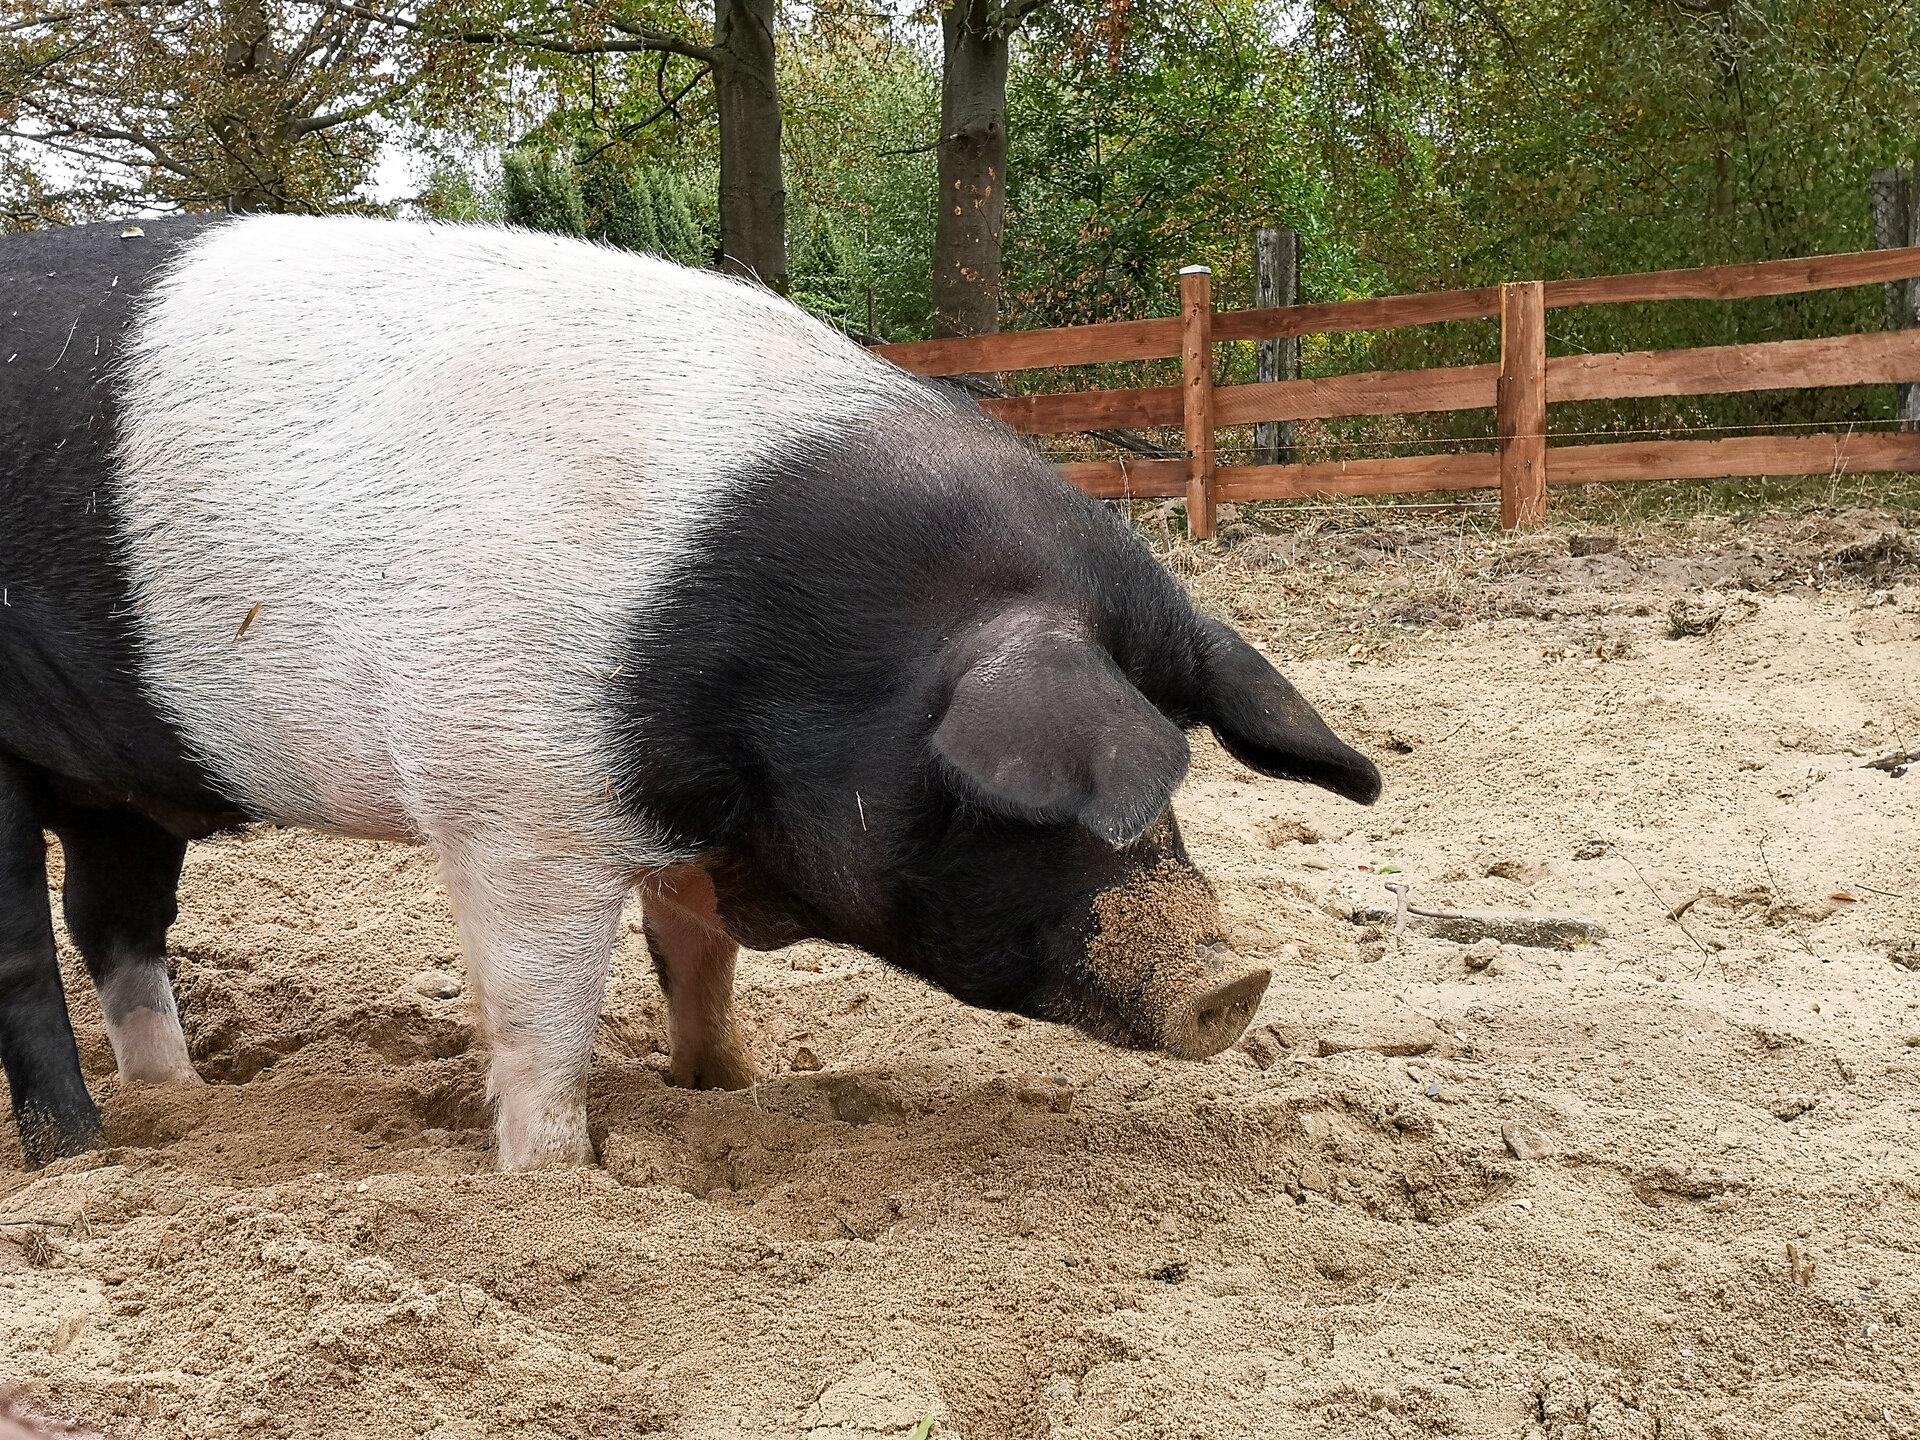 Sattelschwein